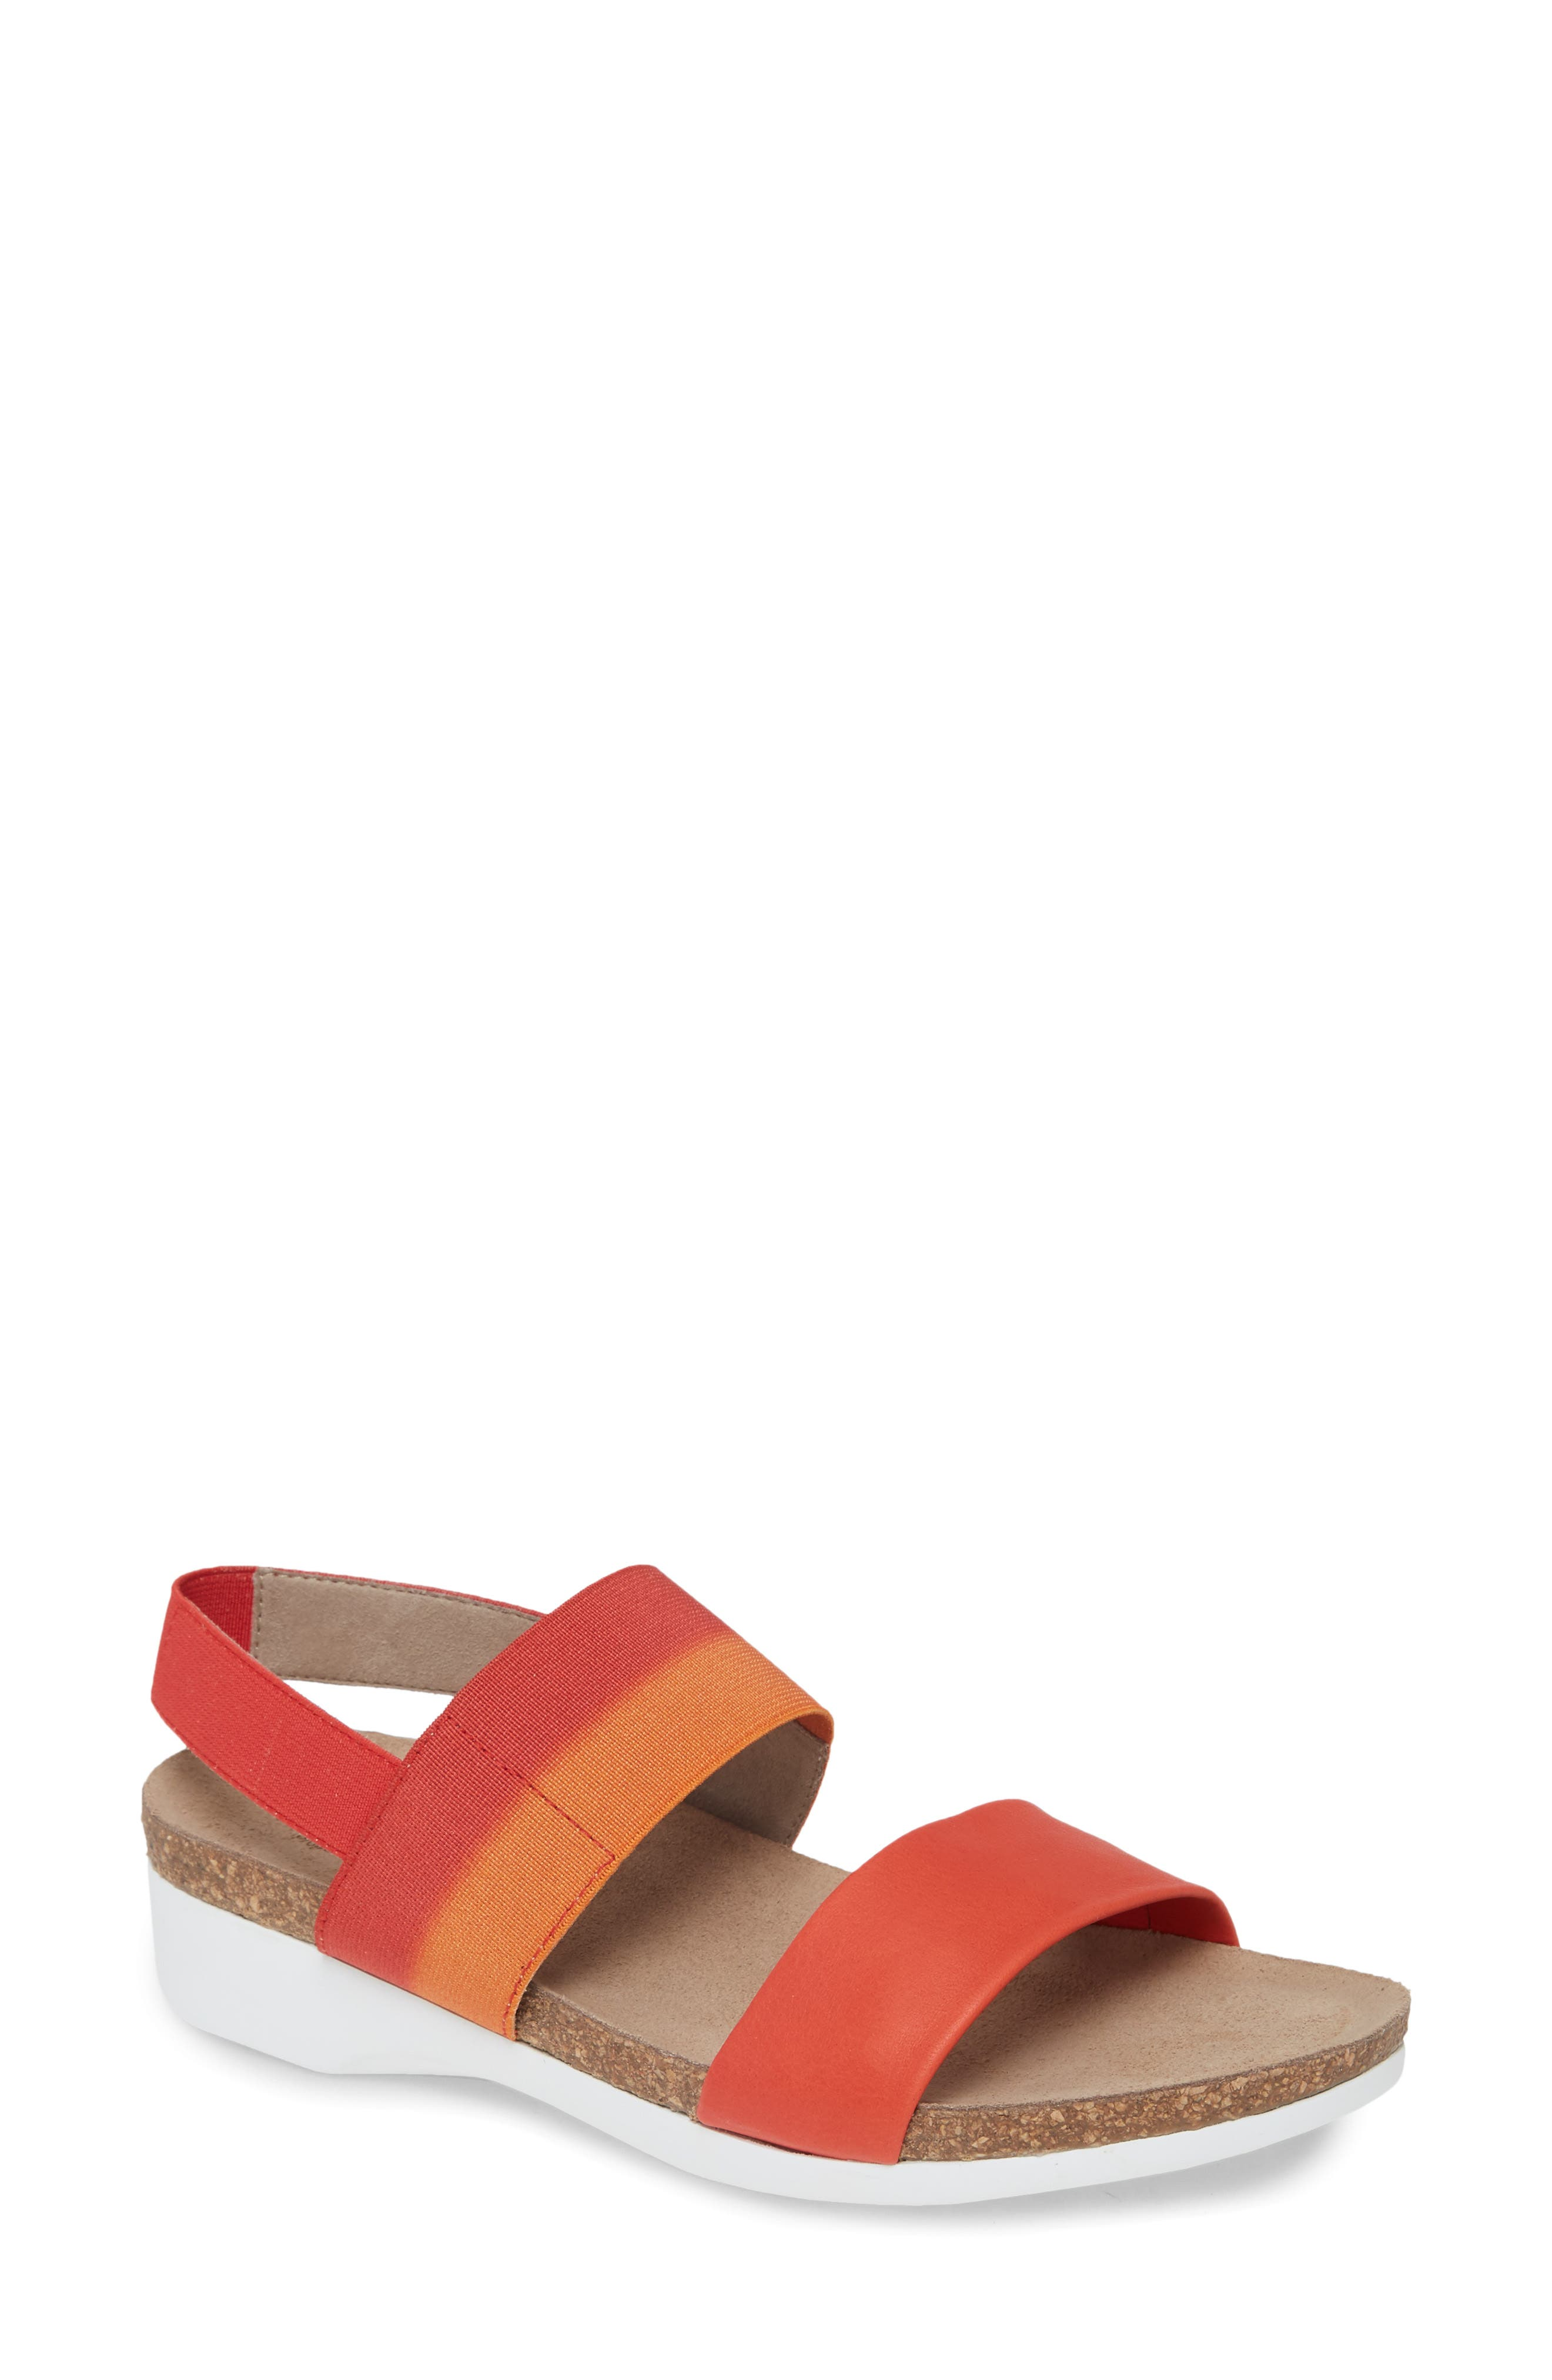 Women's Munro Sandals | Nordstrom